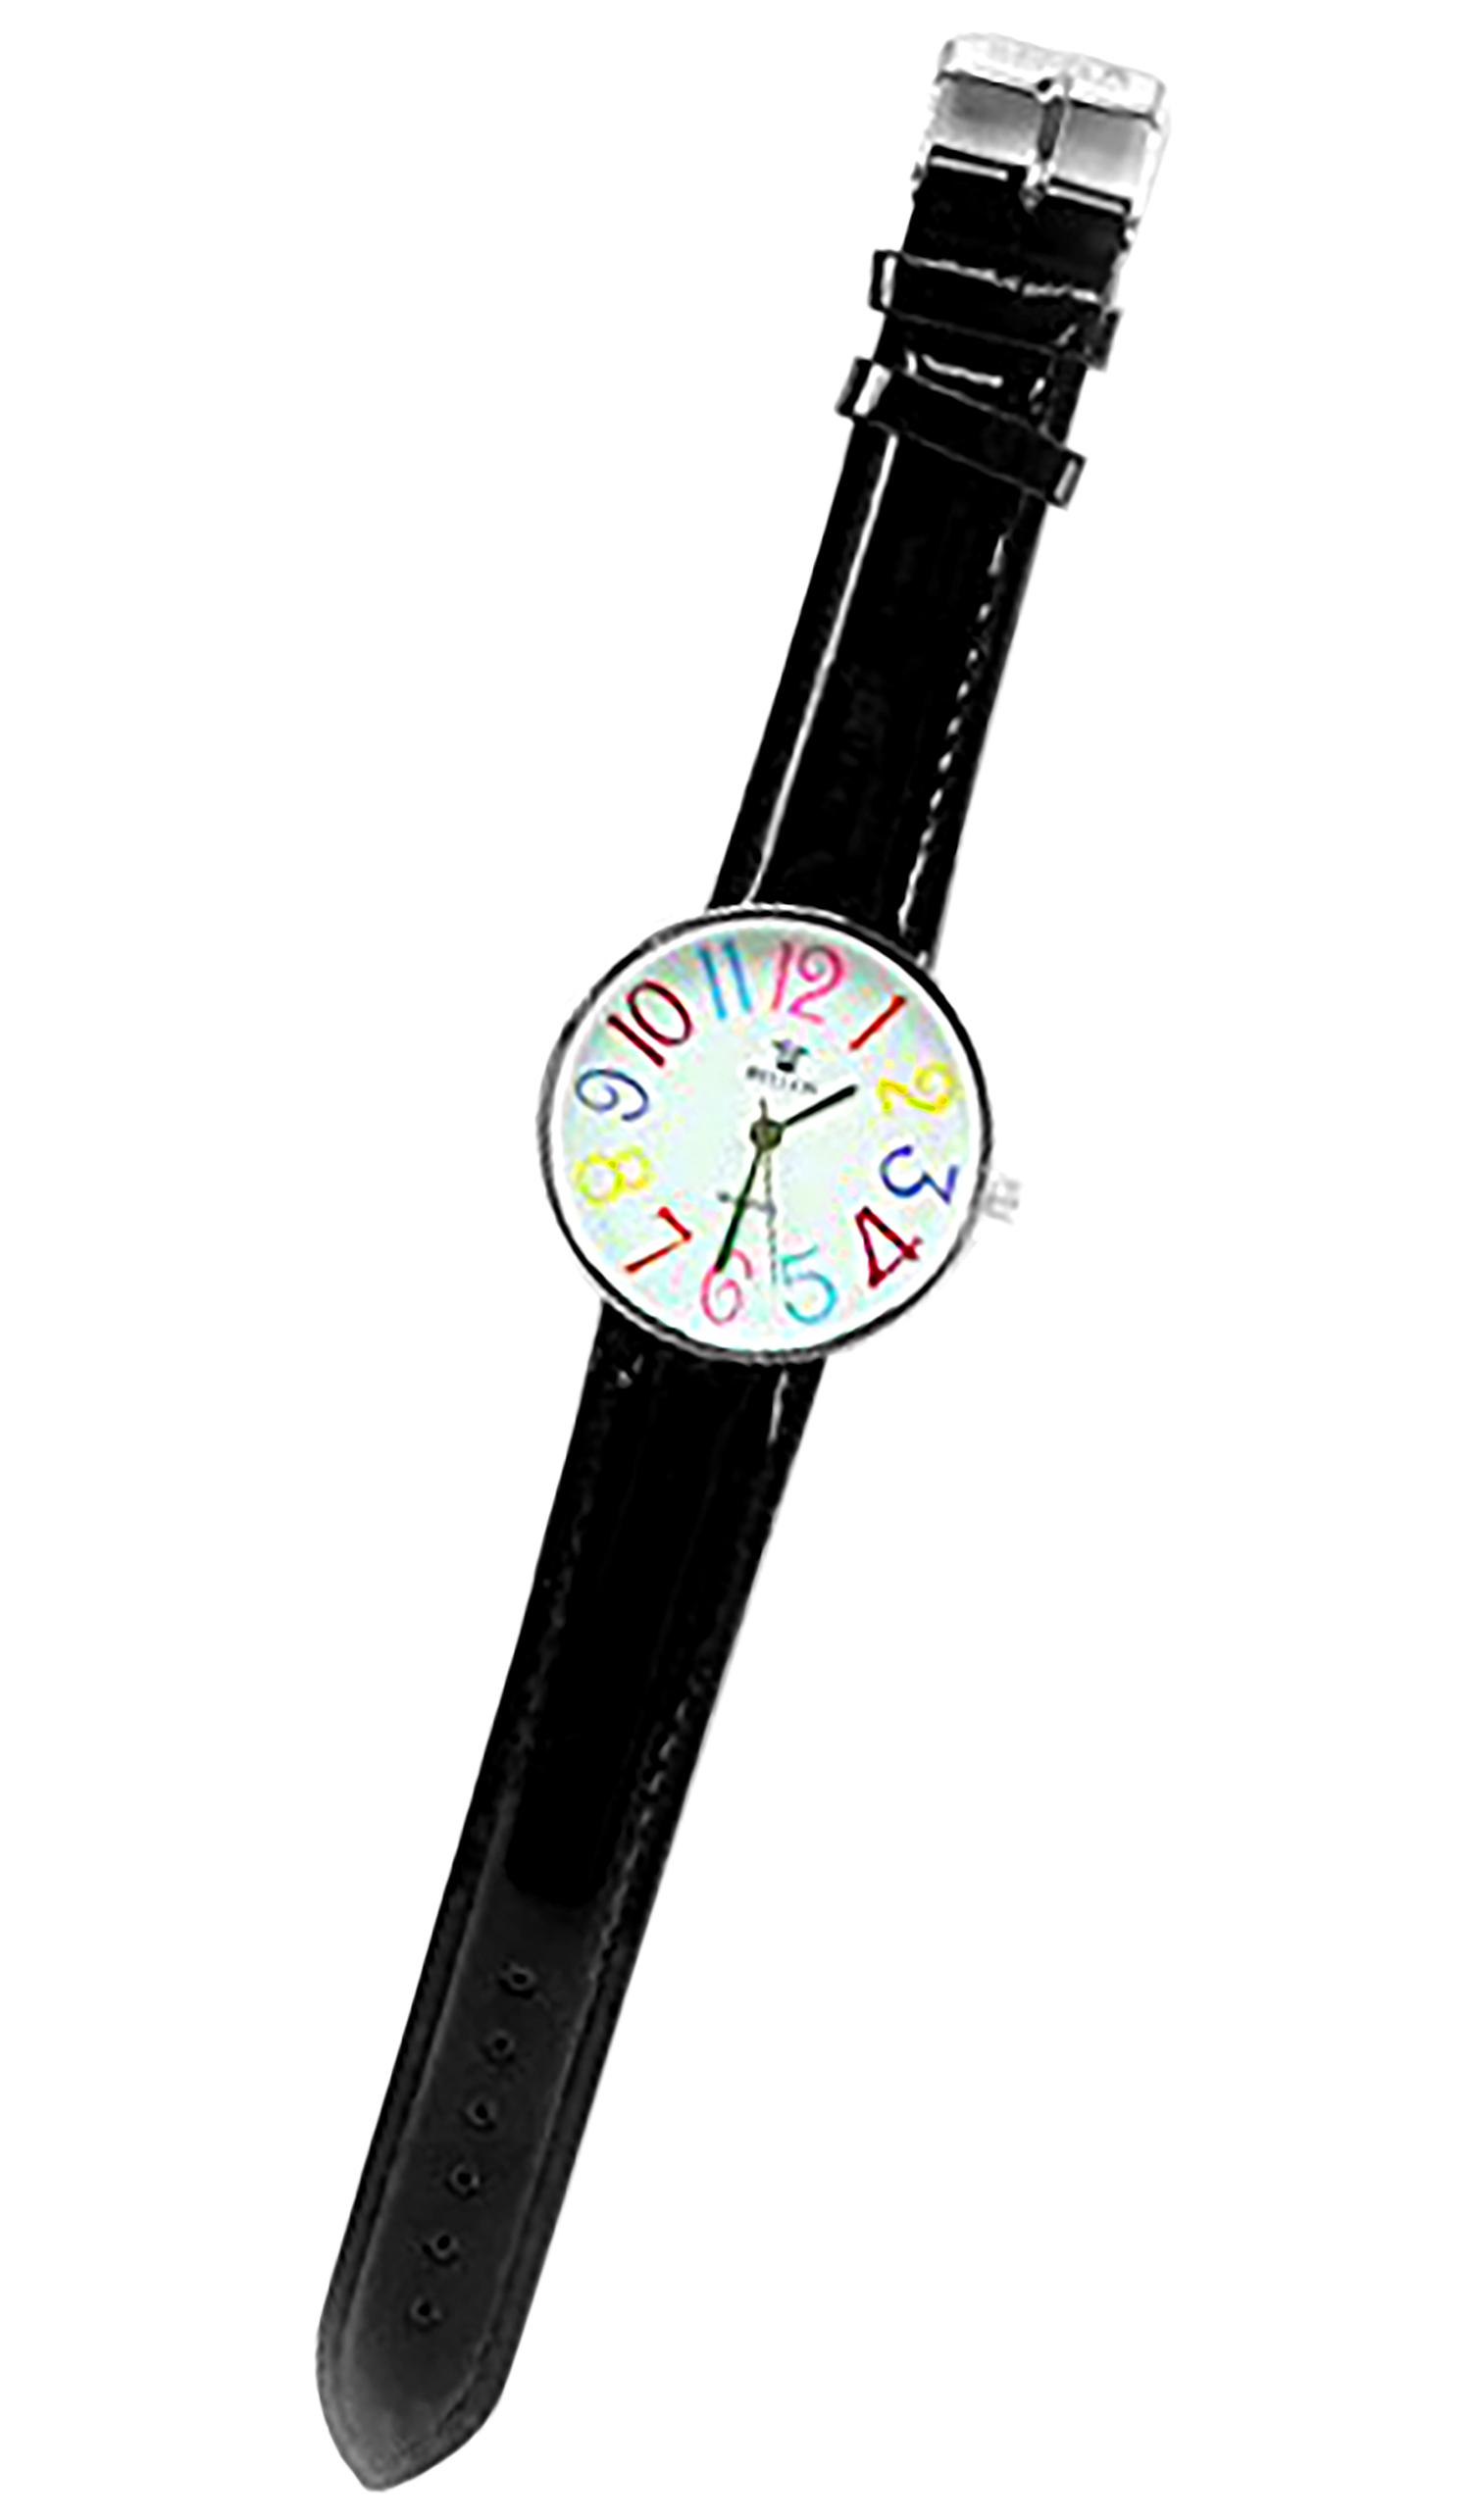 9753a9db3edefc ... Vorschau  Tolle Marken Uhr mit knalligen Farben in schönem Design  SCHWARZ UA2. Armband-Uhr Herren Damen-Uhren ...